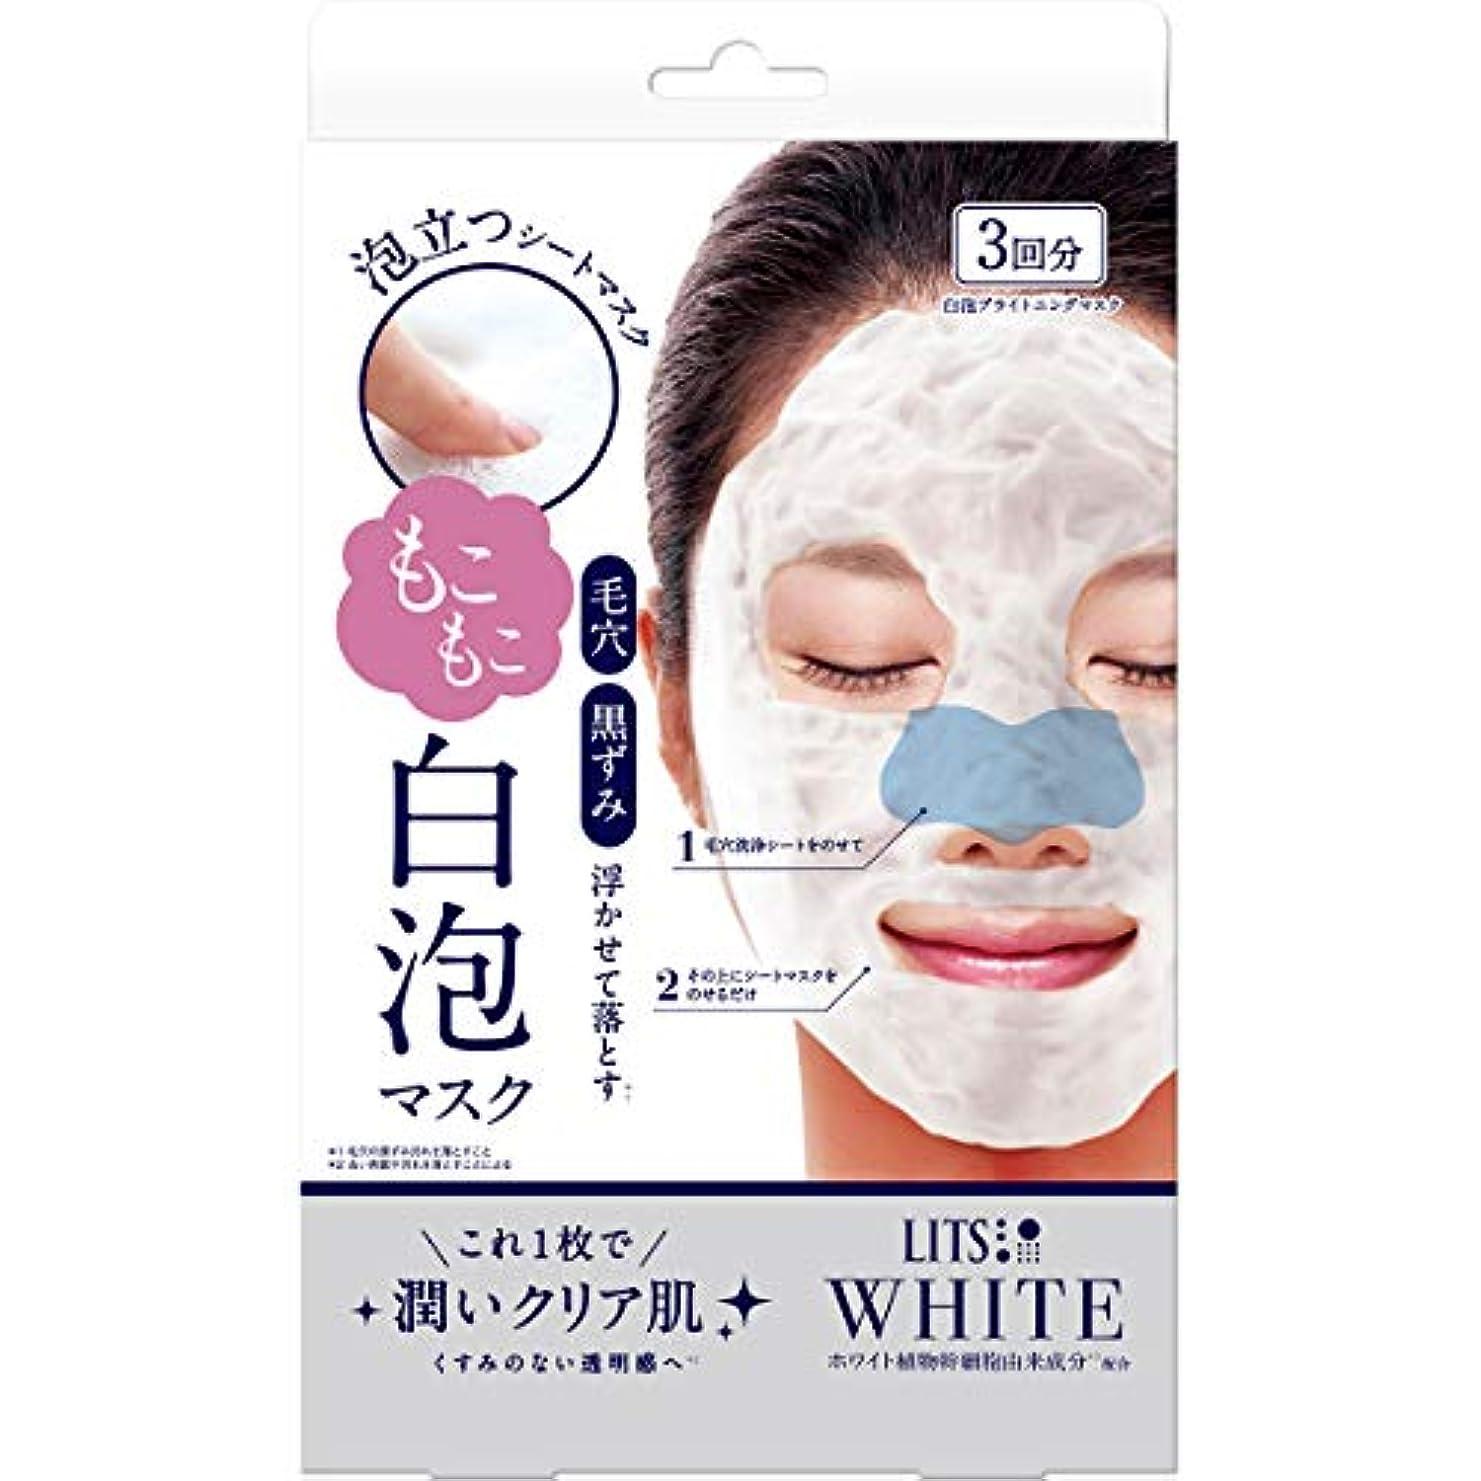 ダースエージェント郵便屋さんリッツ ホワイト もこもこ白泡マスク 3枚